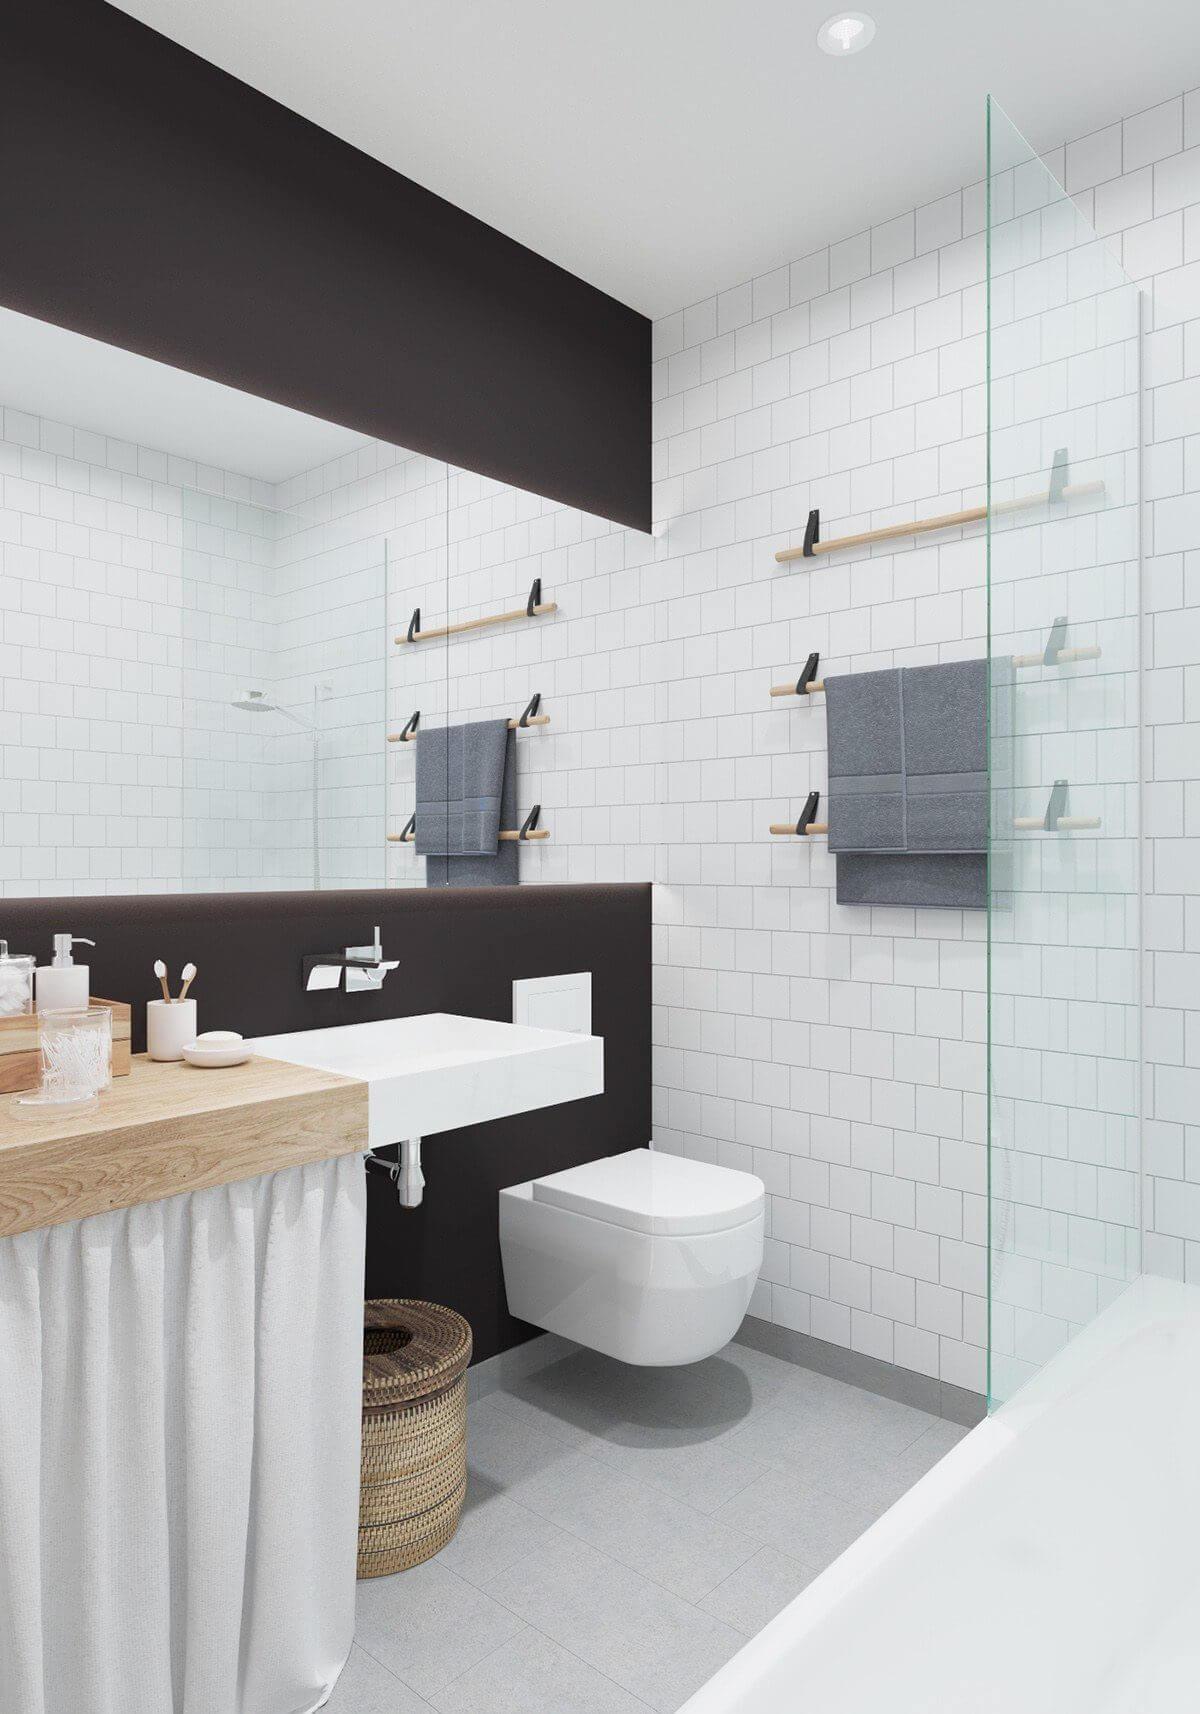 bathroom white subway tile black paint Hô biến căn hộ dưới 50m2 thành không gian rộng rãi và cá tính qpdesign